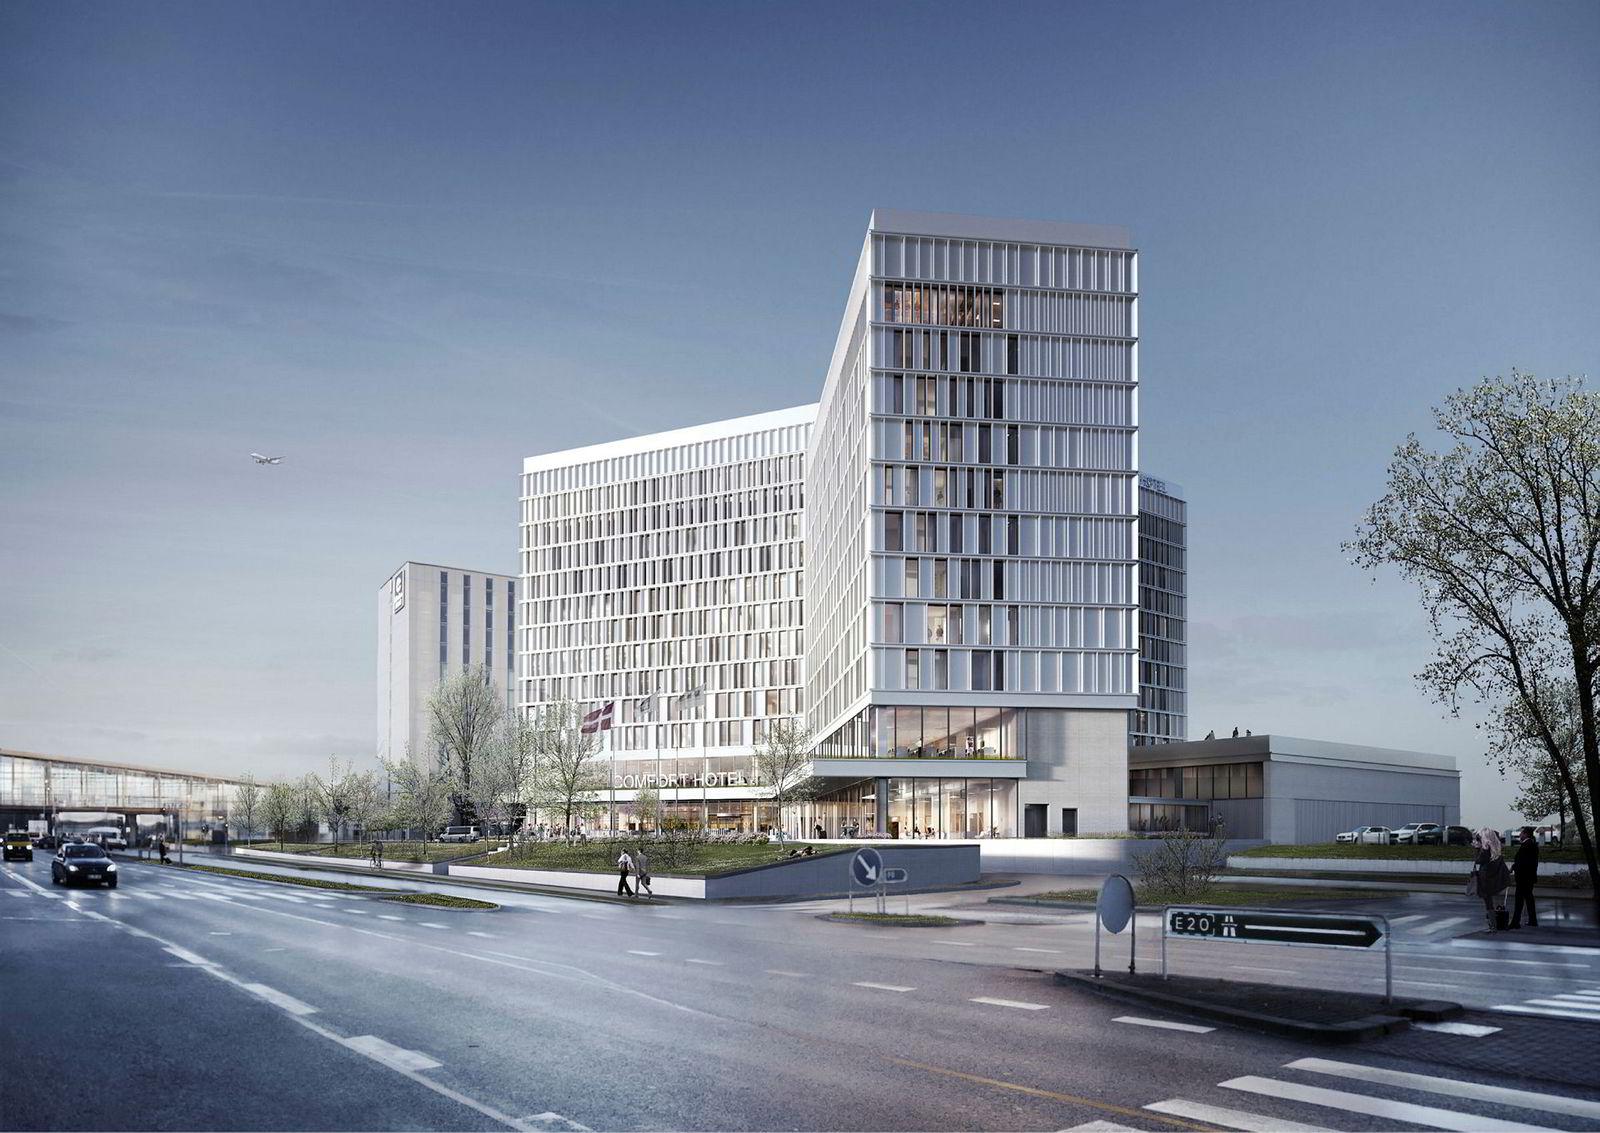 Om snaut to år åpner Comfort Hotel Copenhagen med 500 rom like ved Clarion-hotell på Kastrup. Petter A. Stordalens hotellkjede har signert avtaler for åpning av 19 nye hoteller med over 5000 rom frem til 2021.